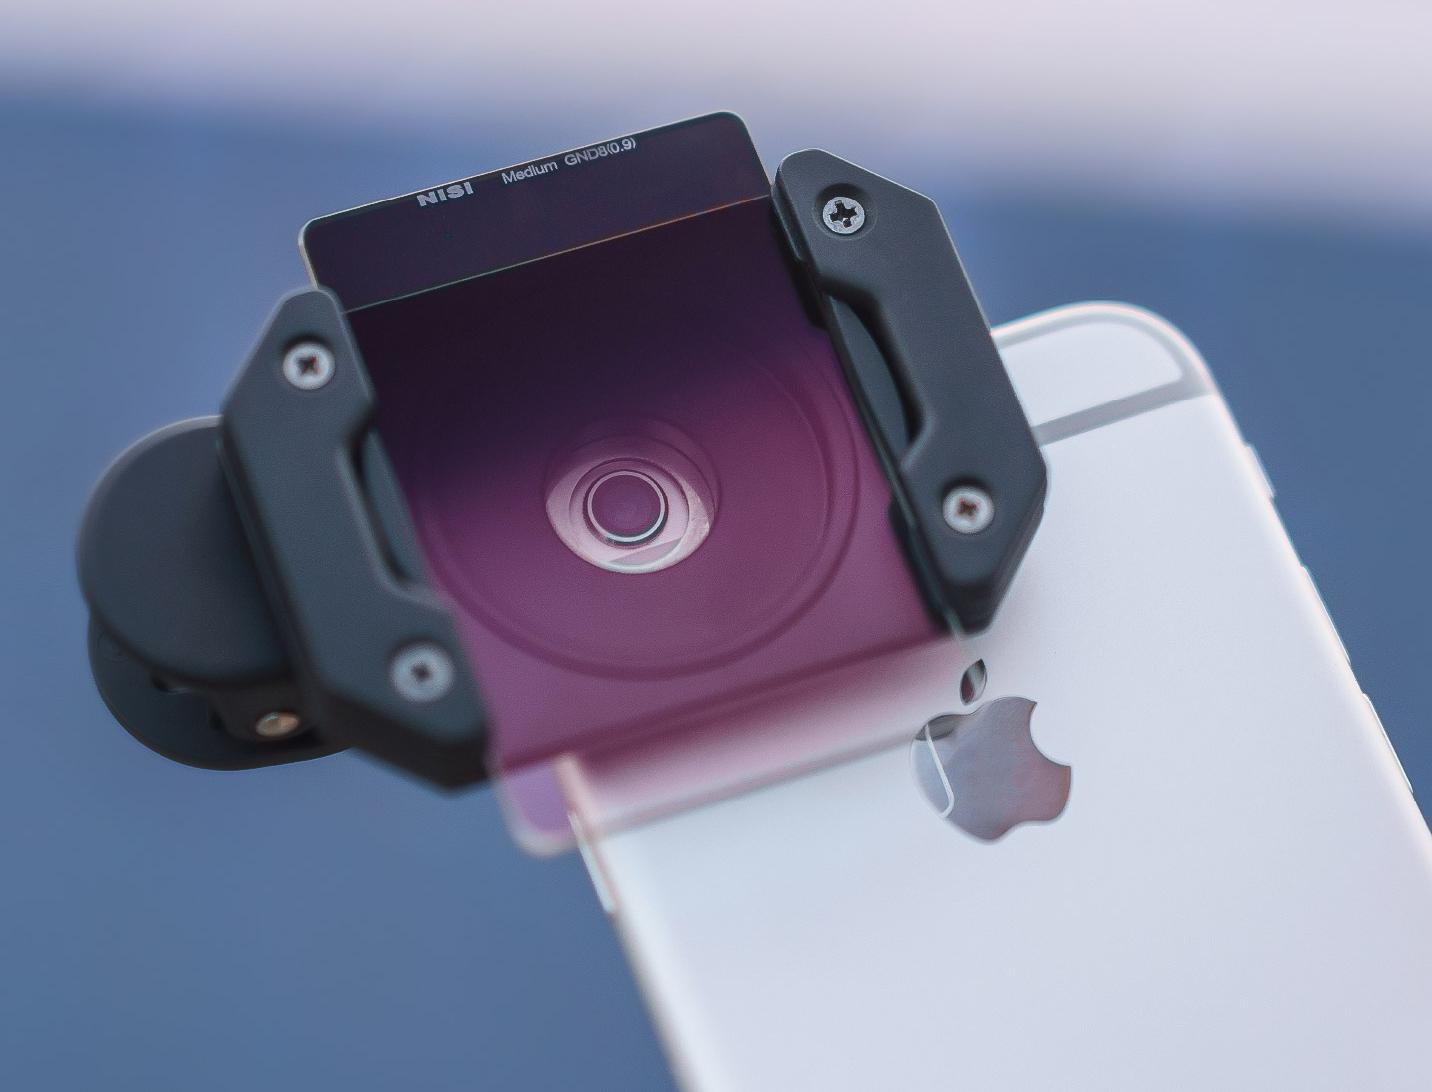 filtry optyczne do smartfonów nisi mocowanie